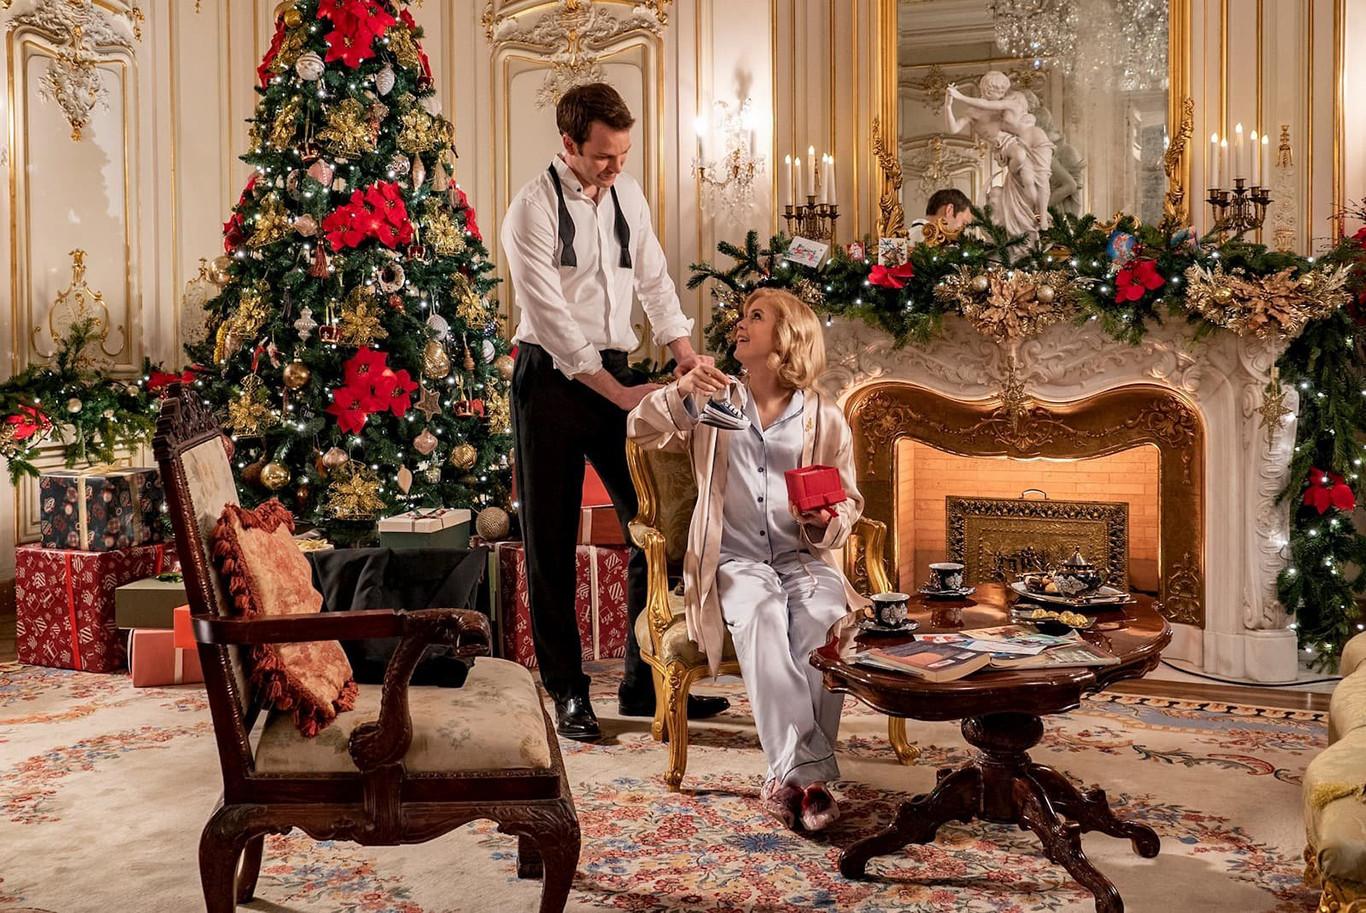 Las seis nuevas películas de Navidad de Netflix son la excusa perfecta para quedarse en casa estas fiestas  1366_2000